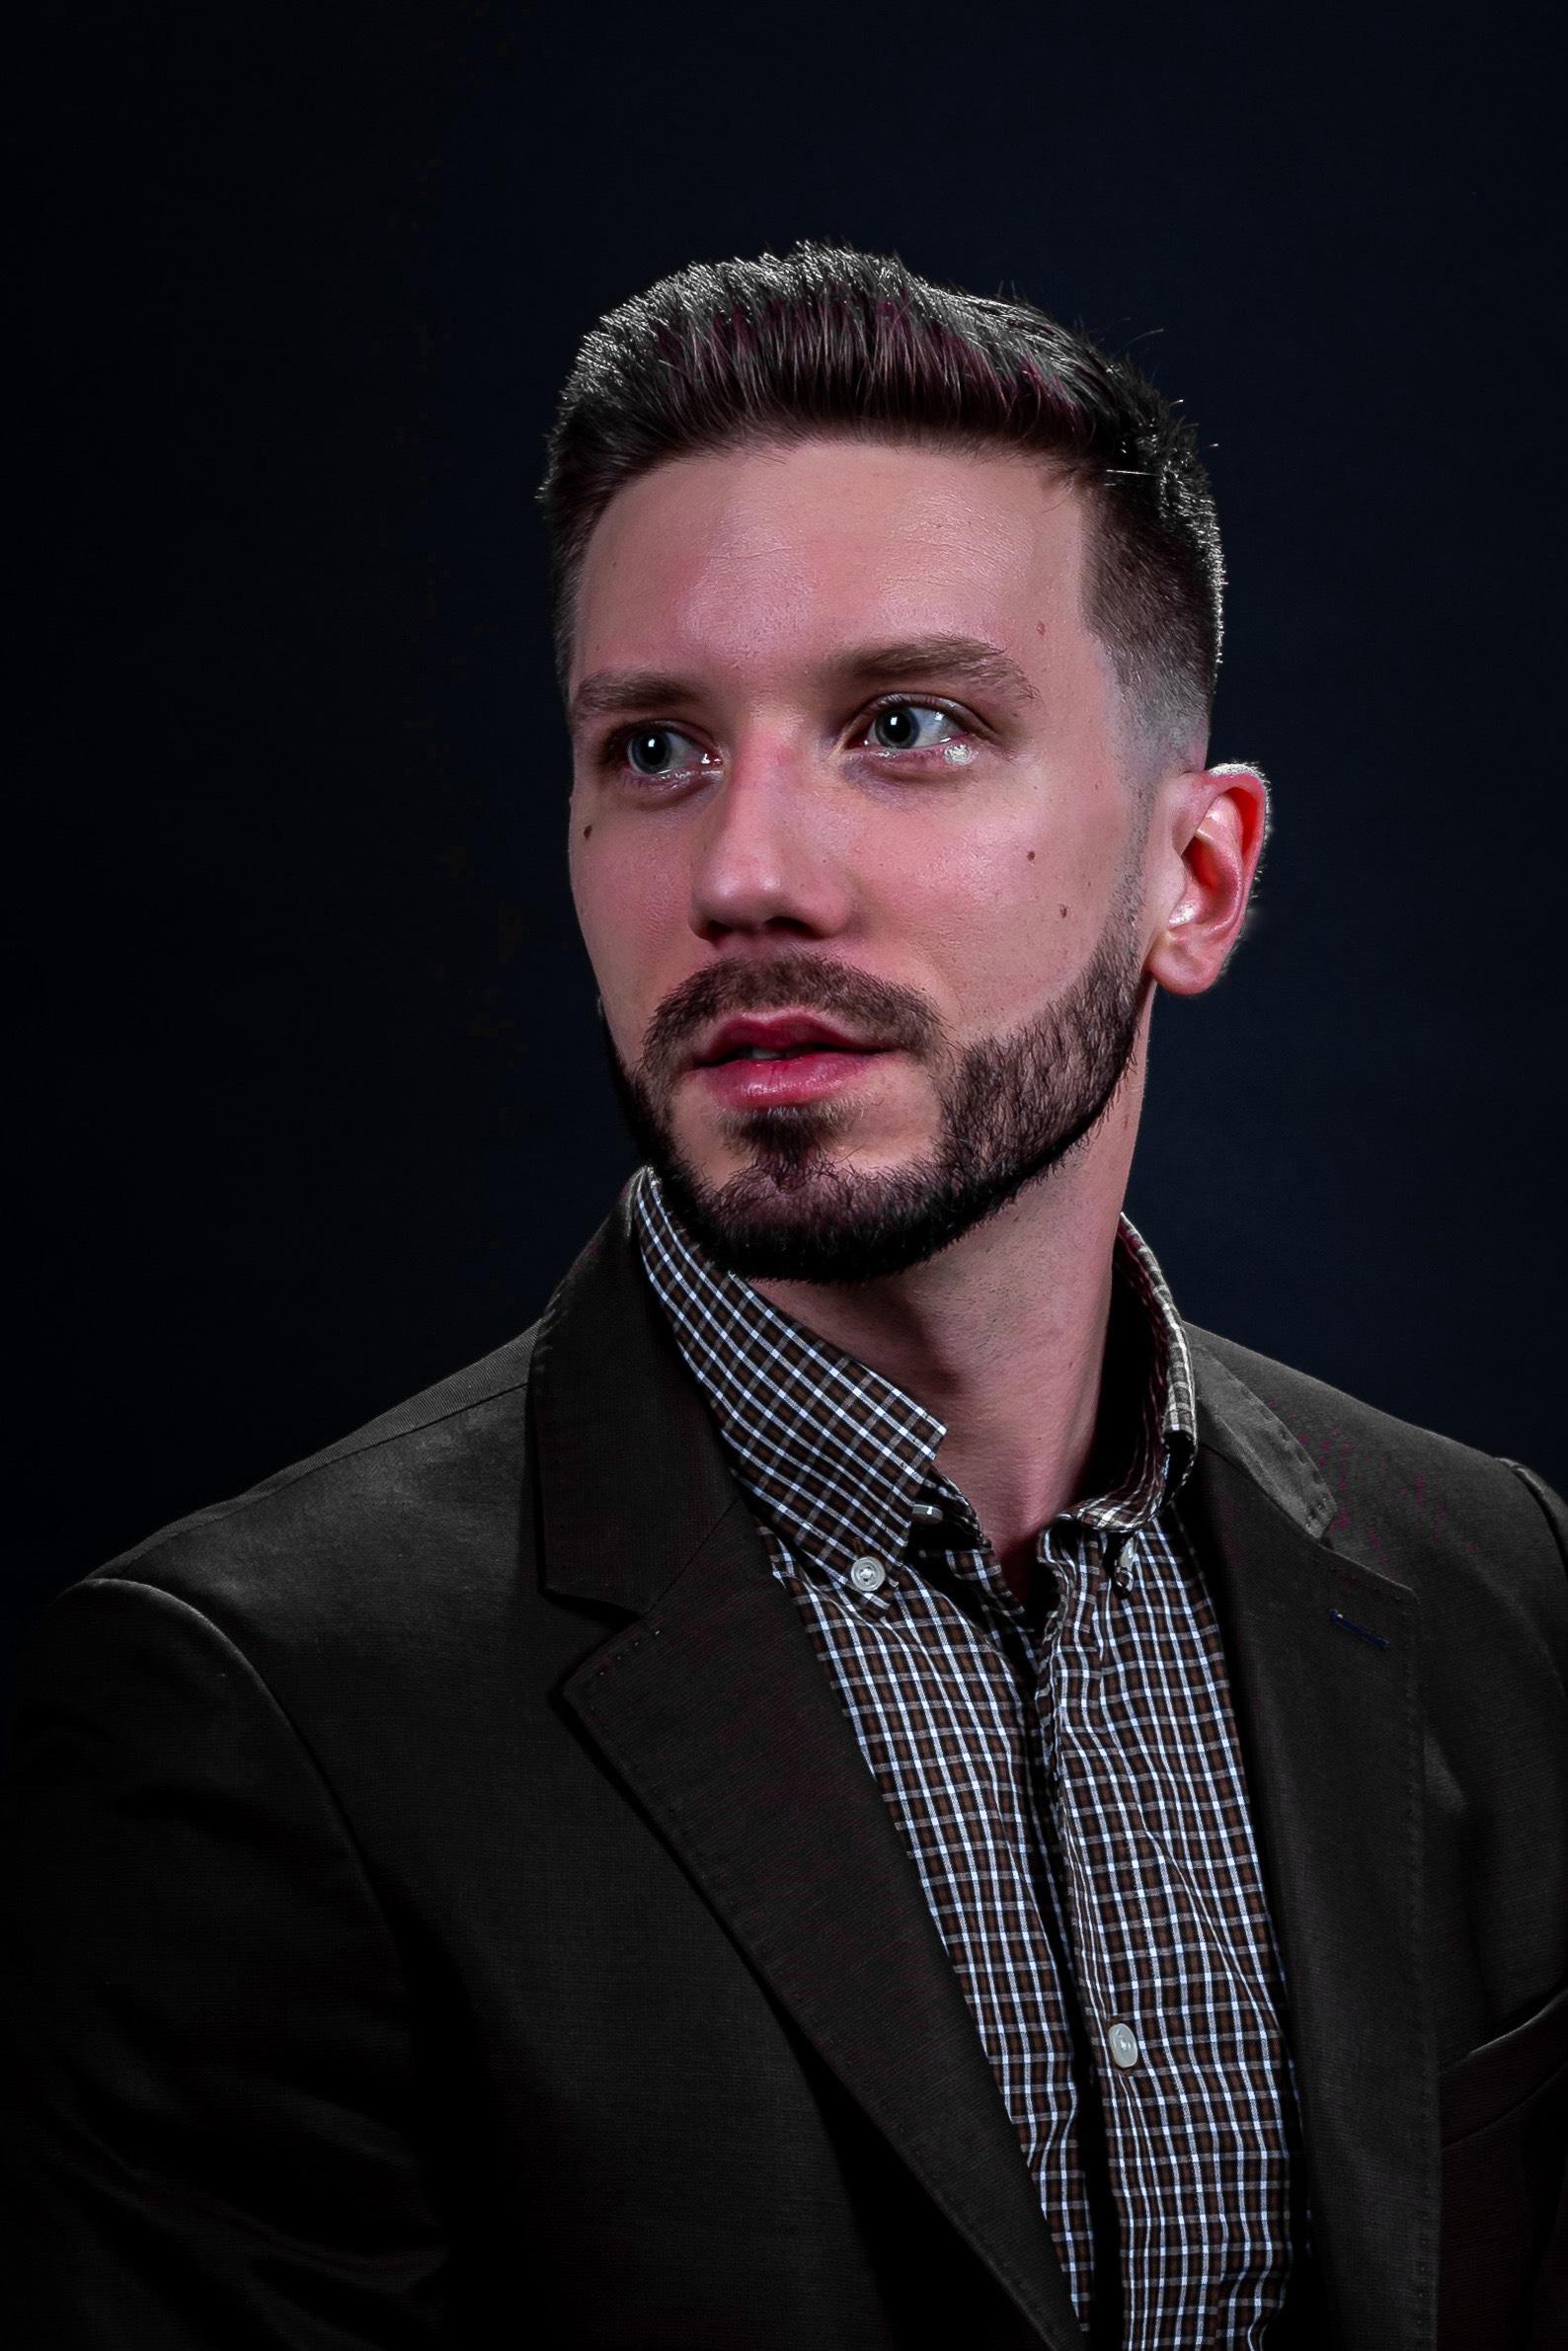 Bence Mátyás